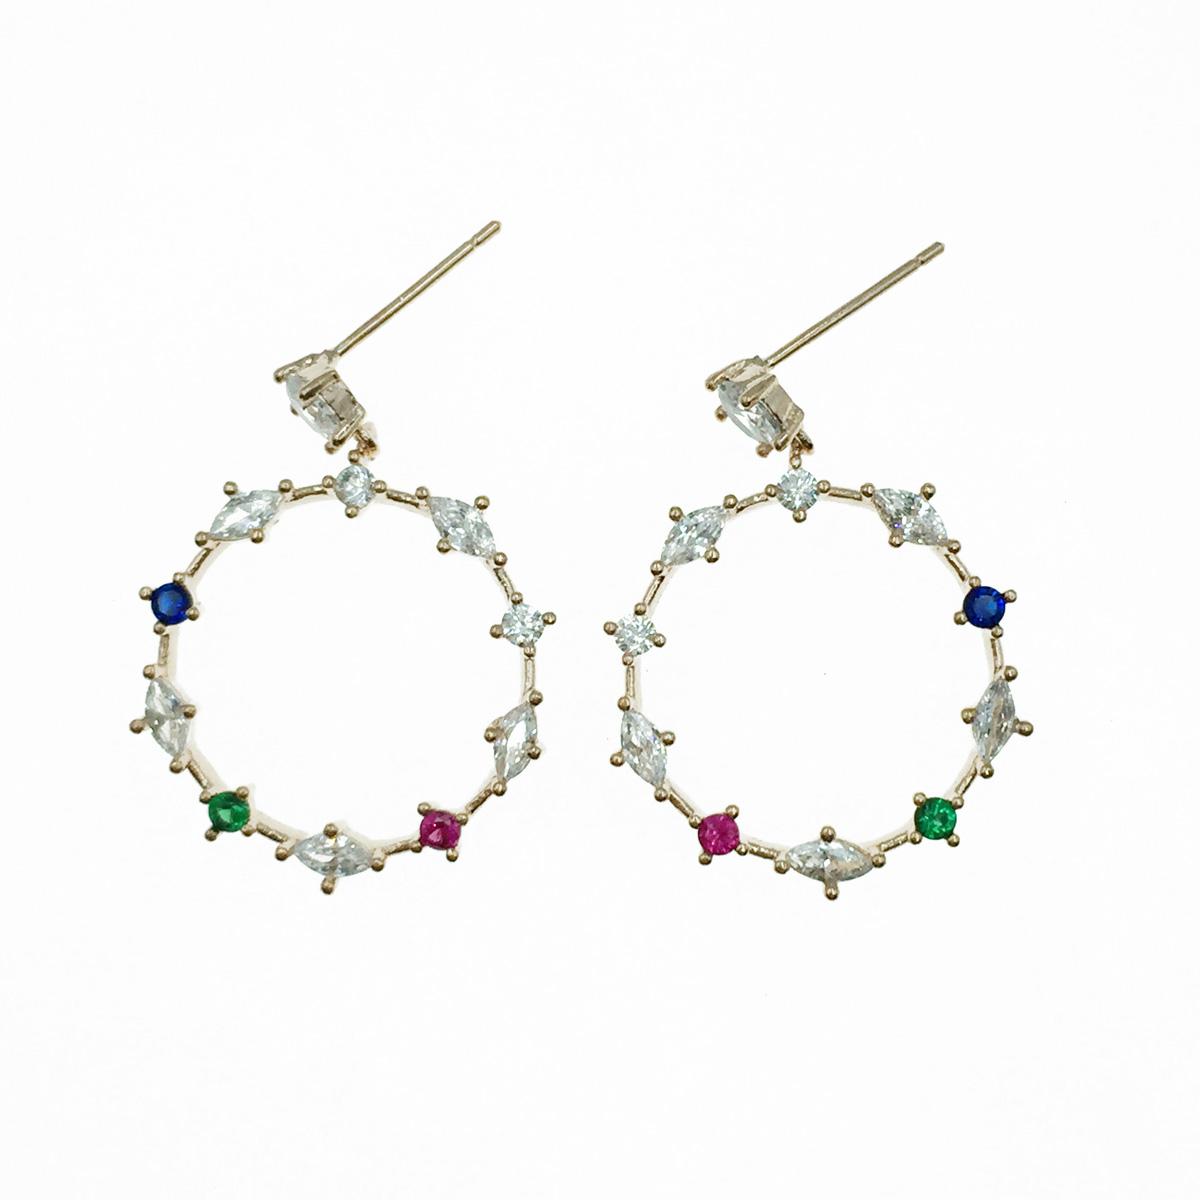 韓國 925純銀 簍空圓 水鑽 玫瑰金 垂墜感 耳針式耳環